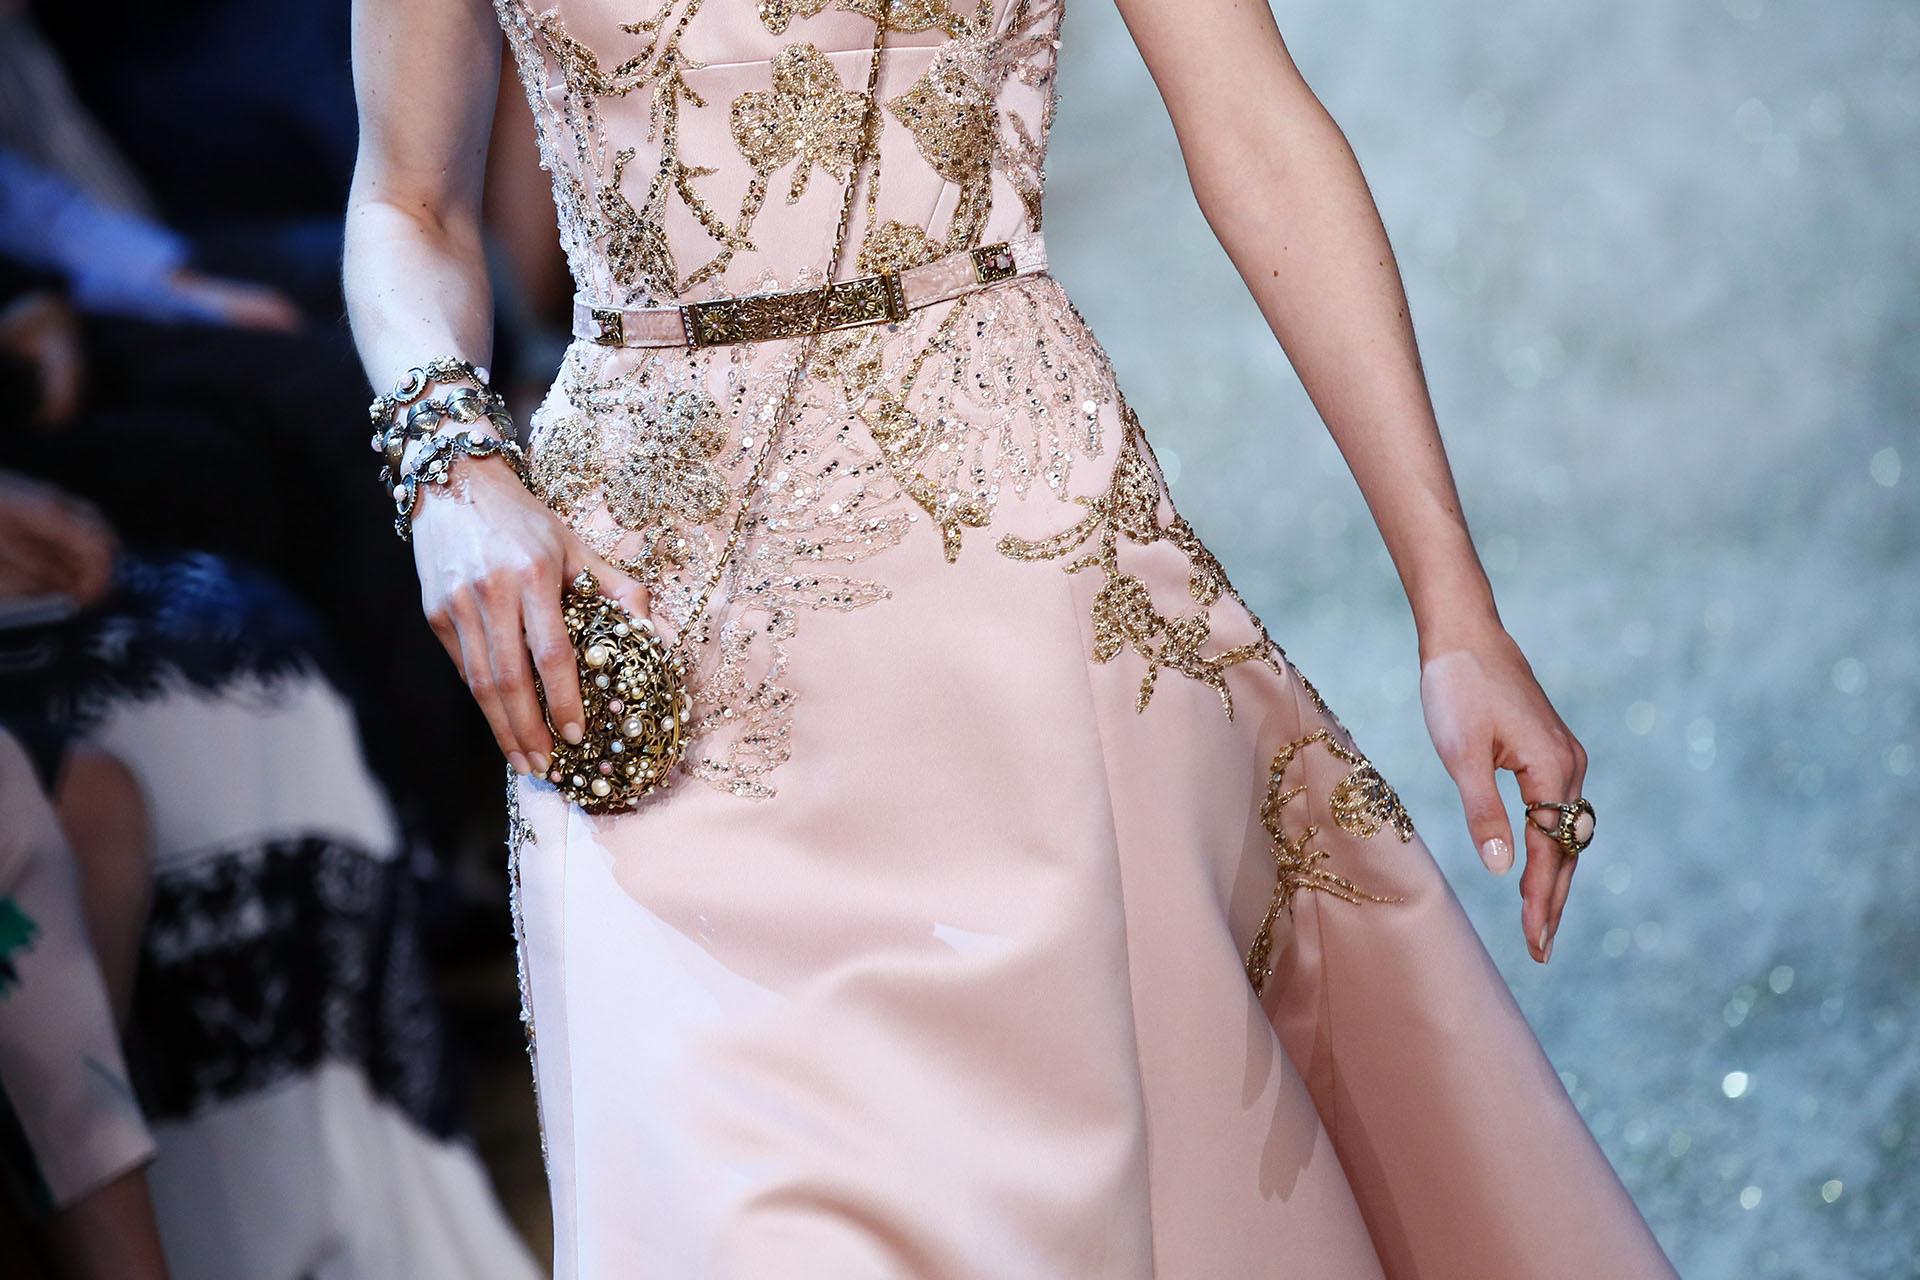 En rosa y bordado con piedras doradas. La mini cartera con piedras y perlas (AP Photo/Francois Mori)